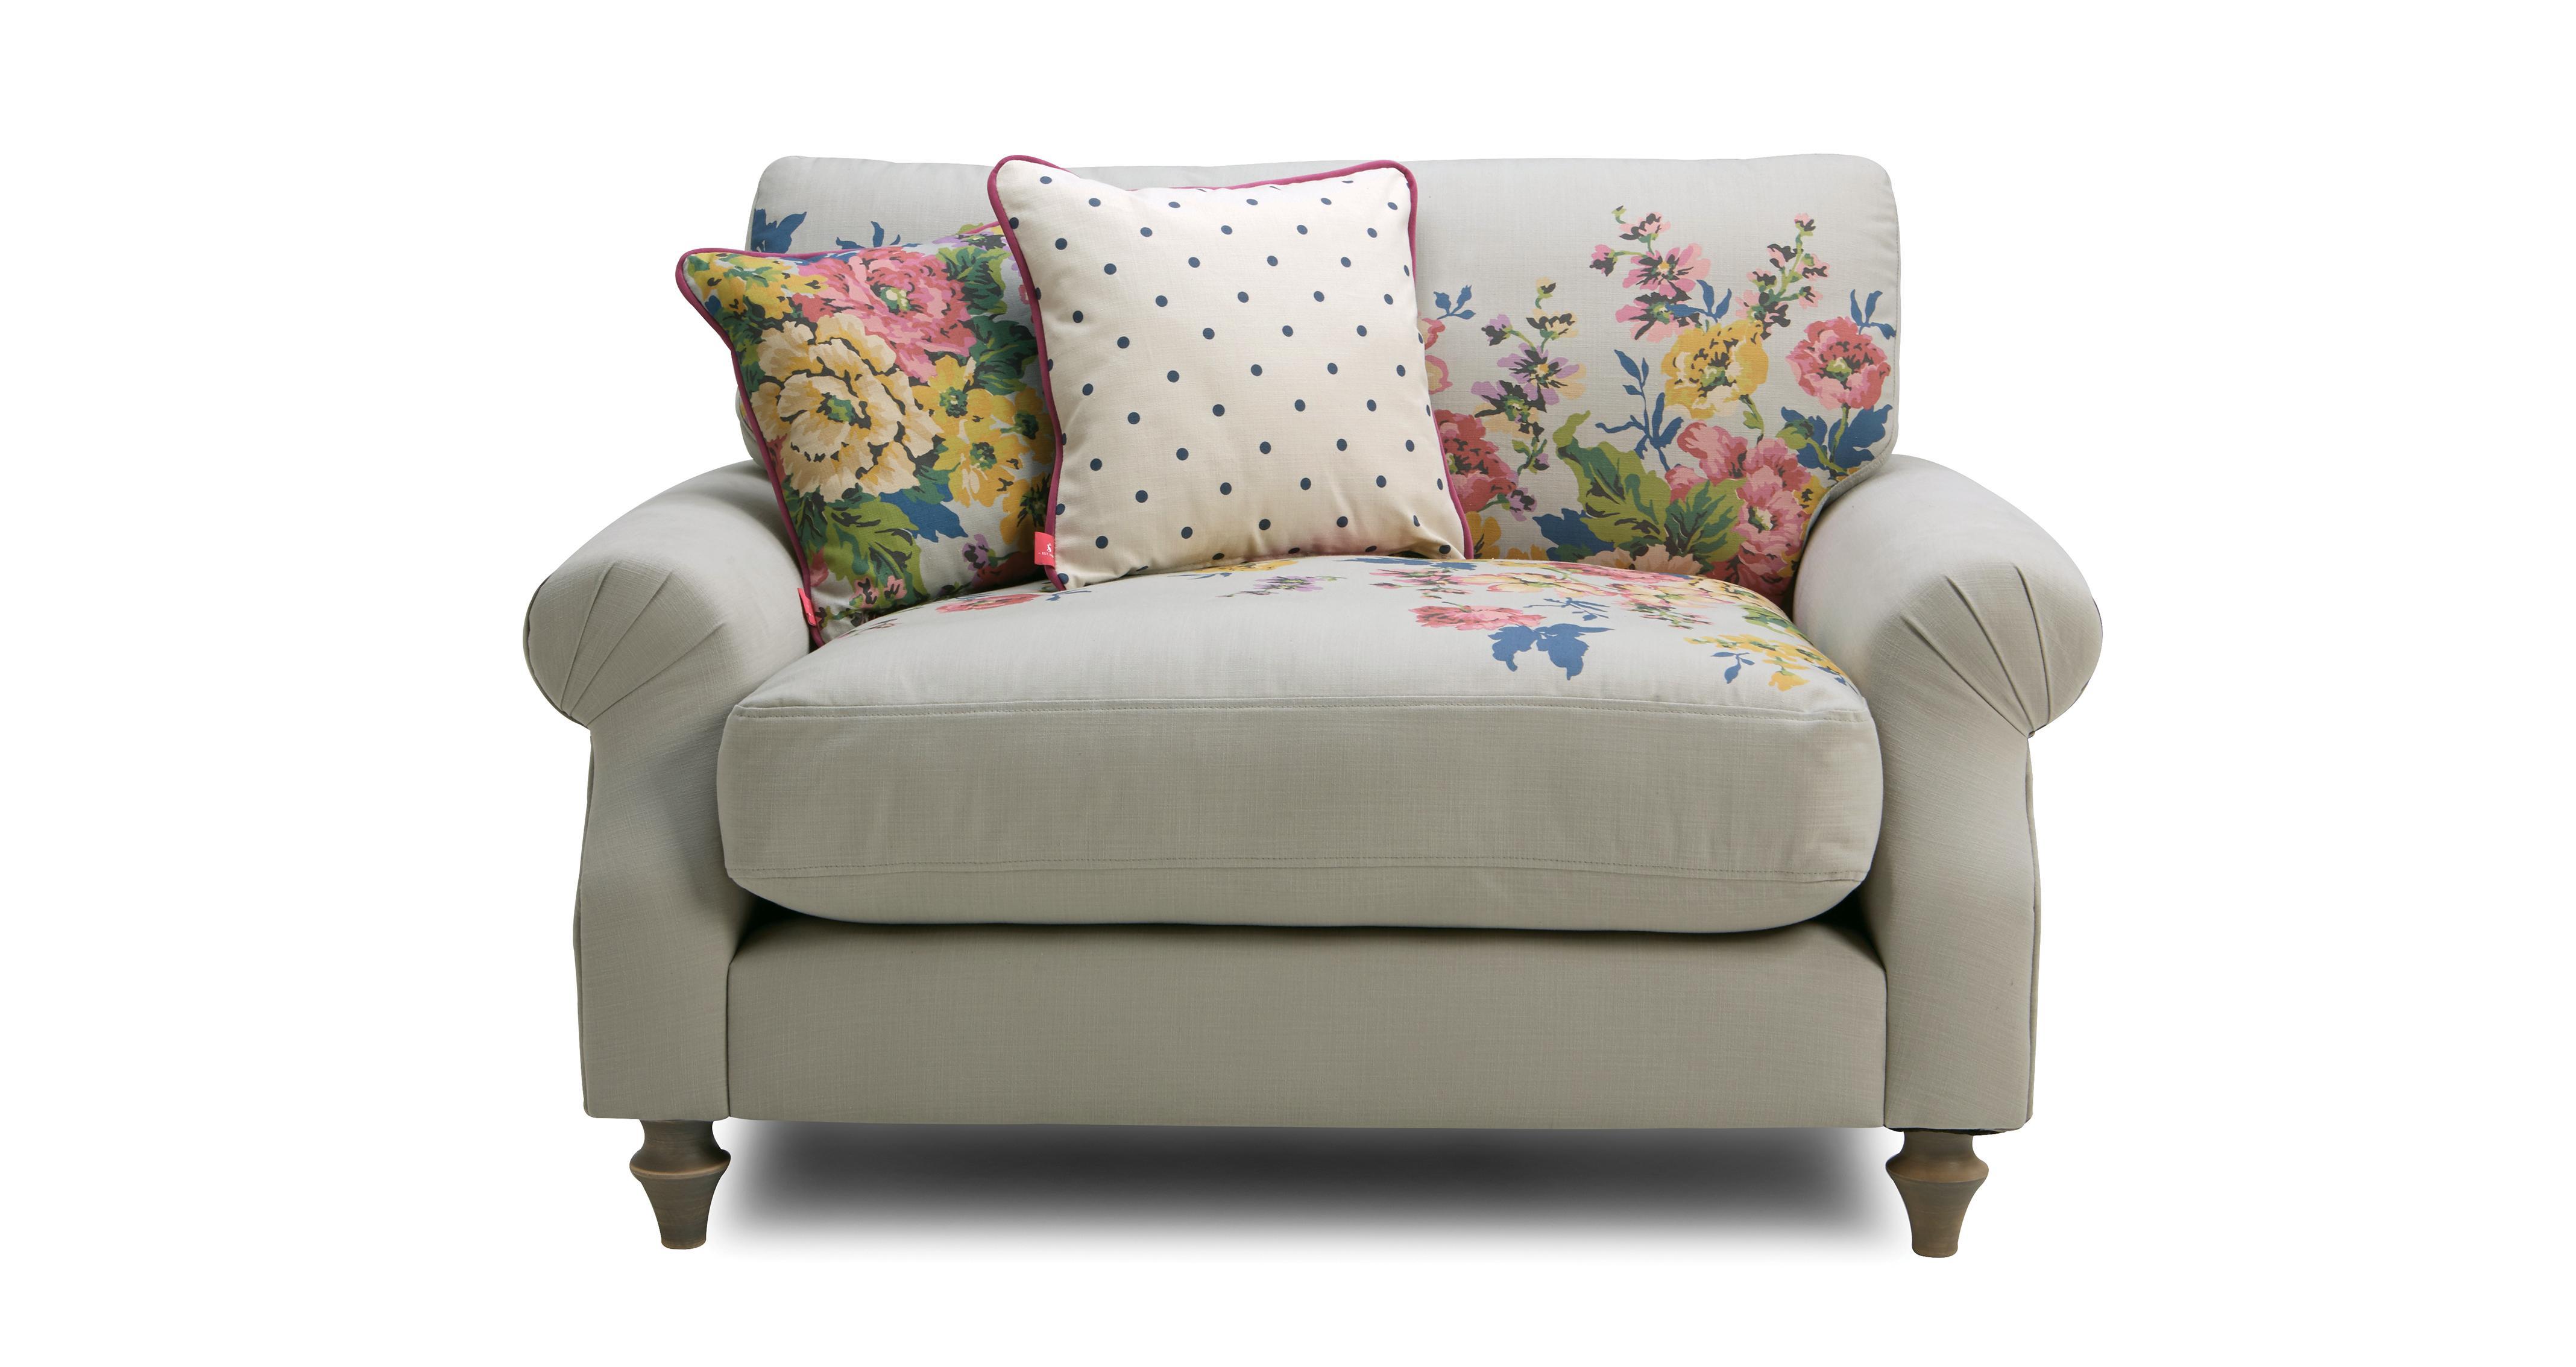 dfs cambridge sofa reviews repair di puchong cotton cuddler plain and floral